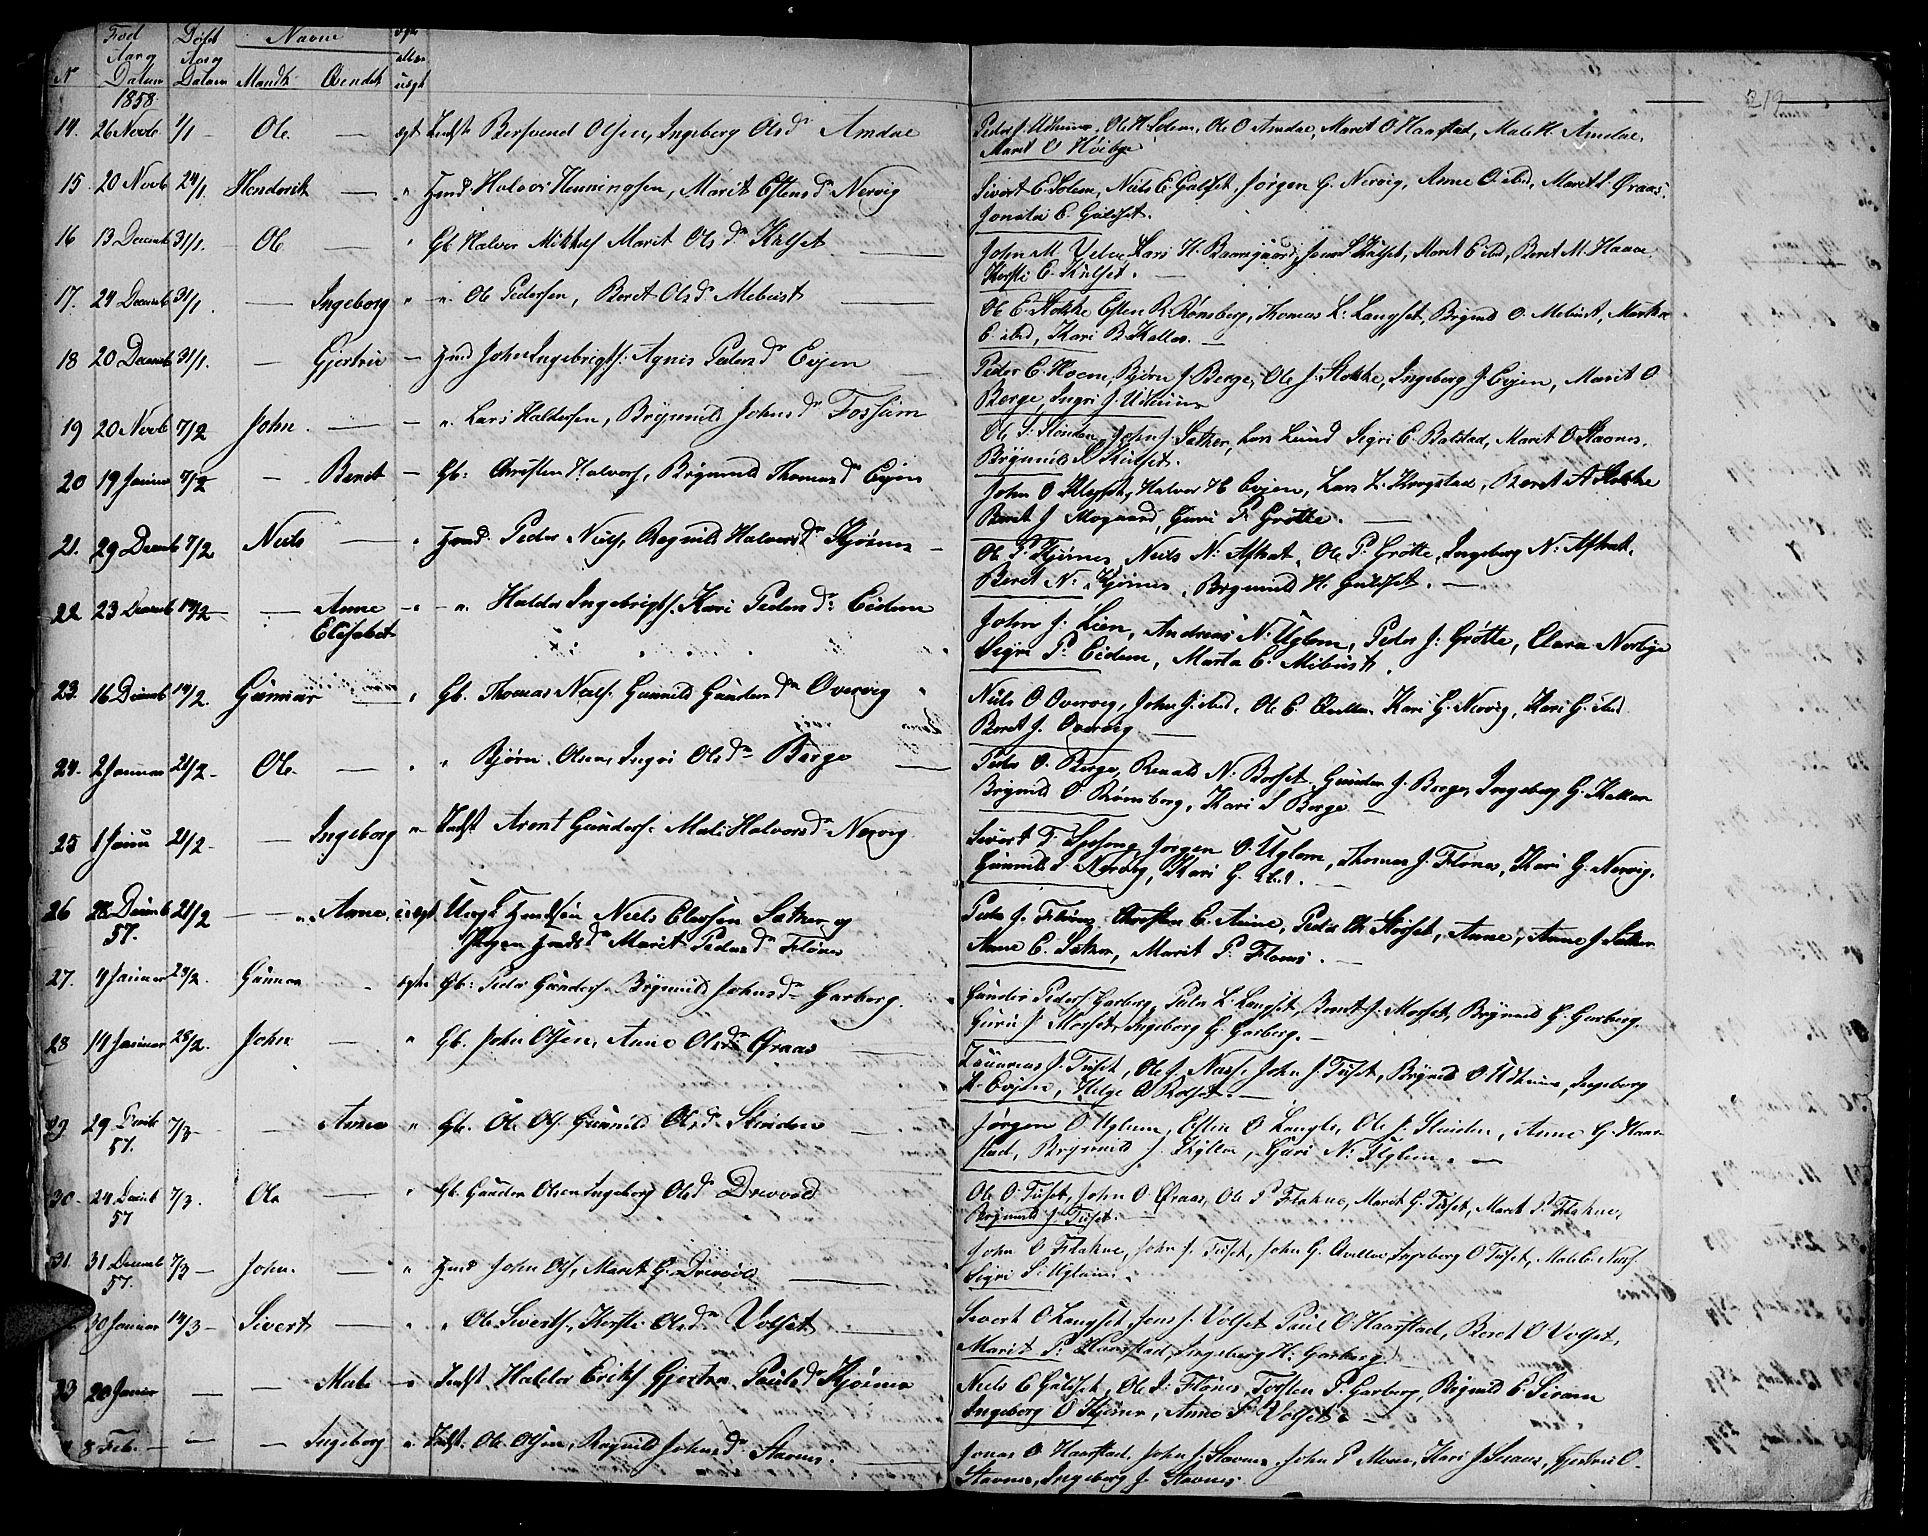 SAT, Ministerialprotokoller, klokkerbøker og fødselsregistre - Sør-Trøndelag, 695/L1154: Klokkerbok nr. 695C05, 1842-1858, s. 219